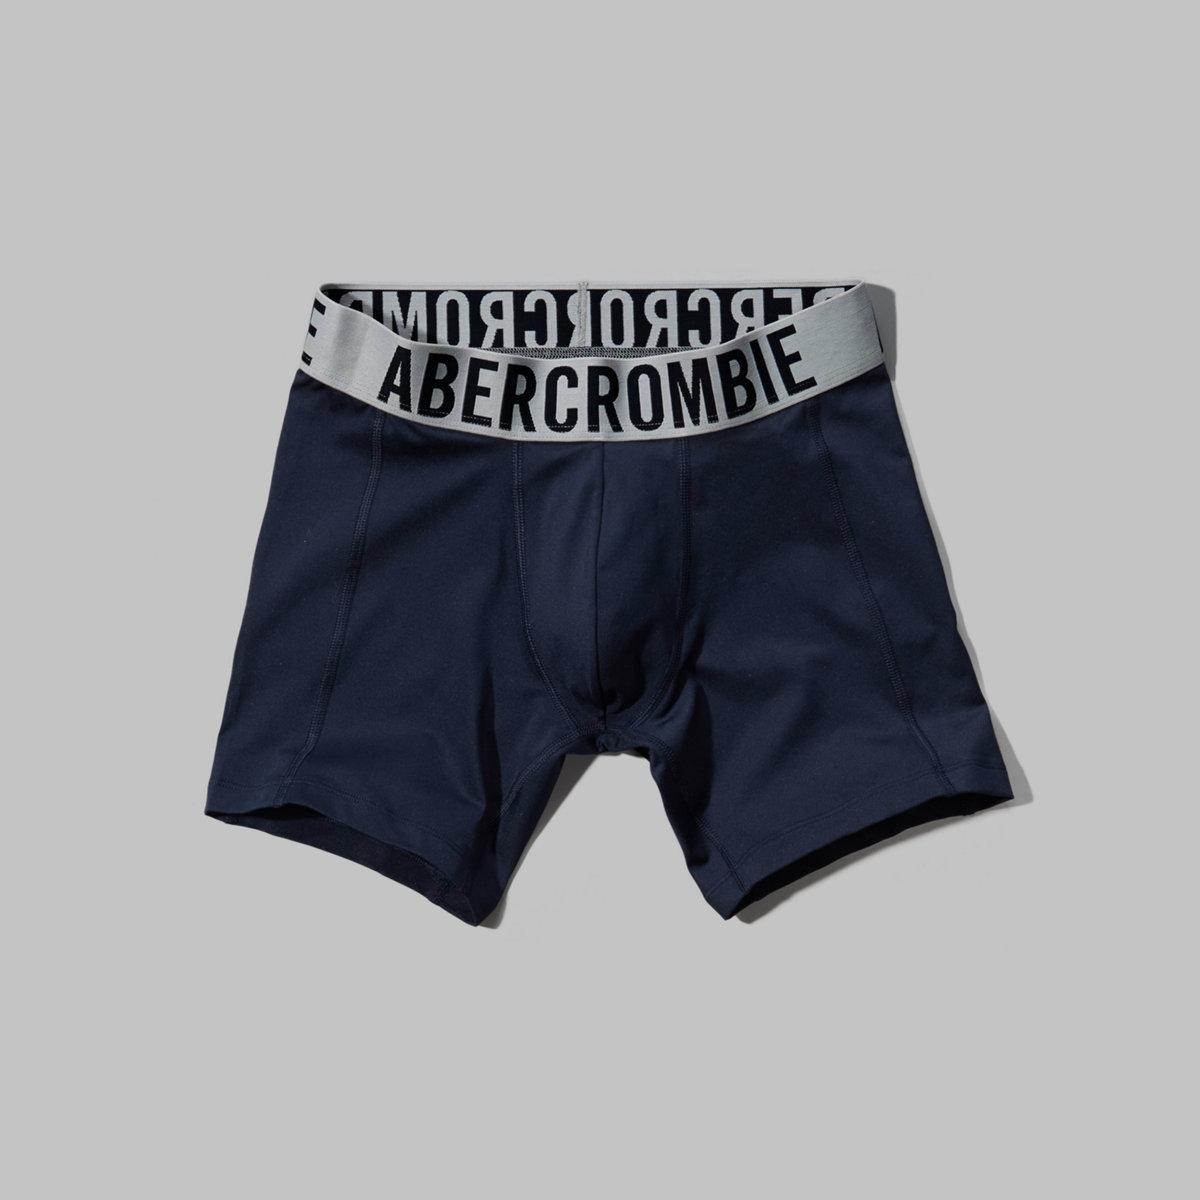 A&F Active Boxer Briefs